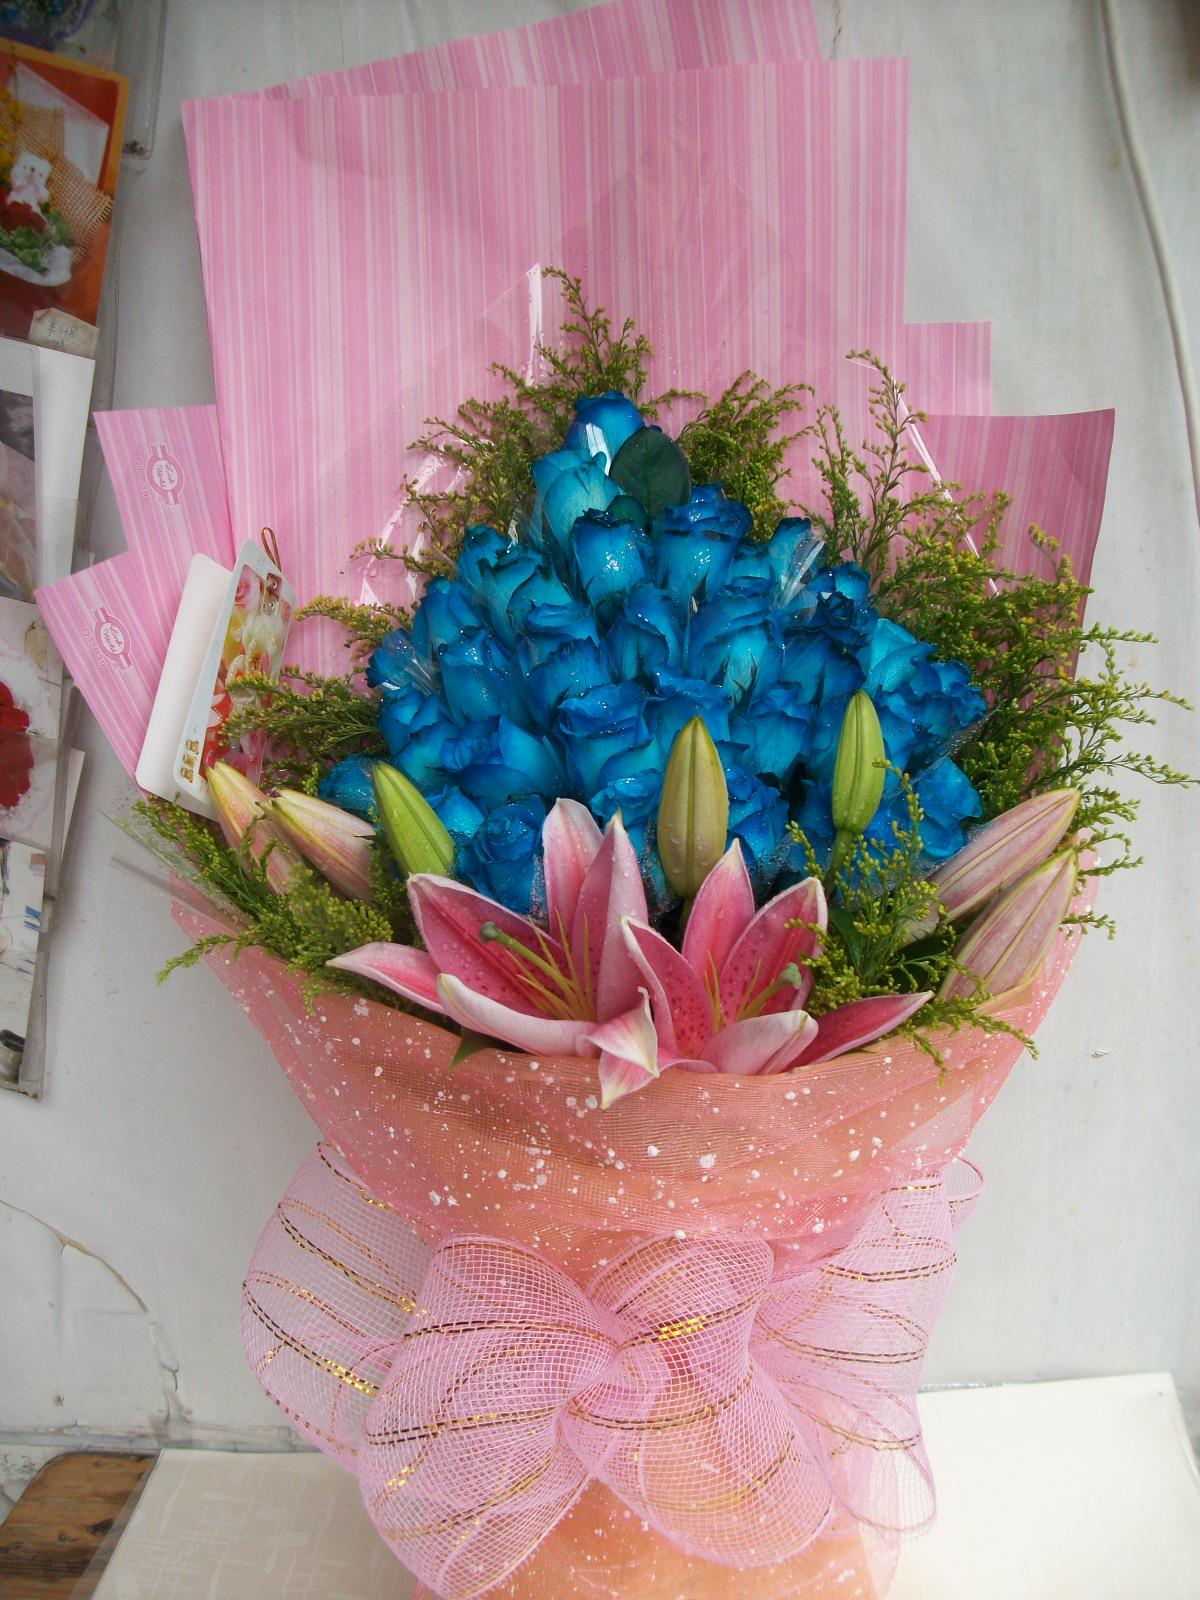 石夏兰33朵蓝玫瑰鲜花图片展示。